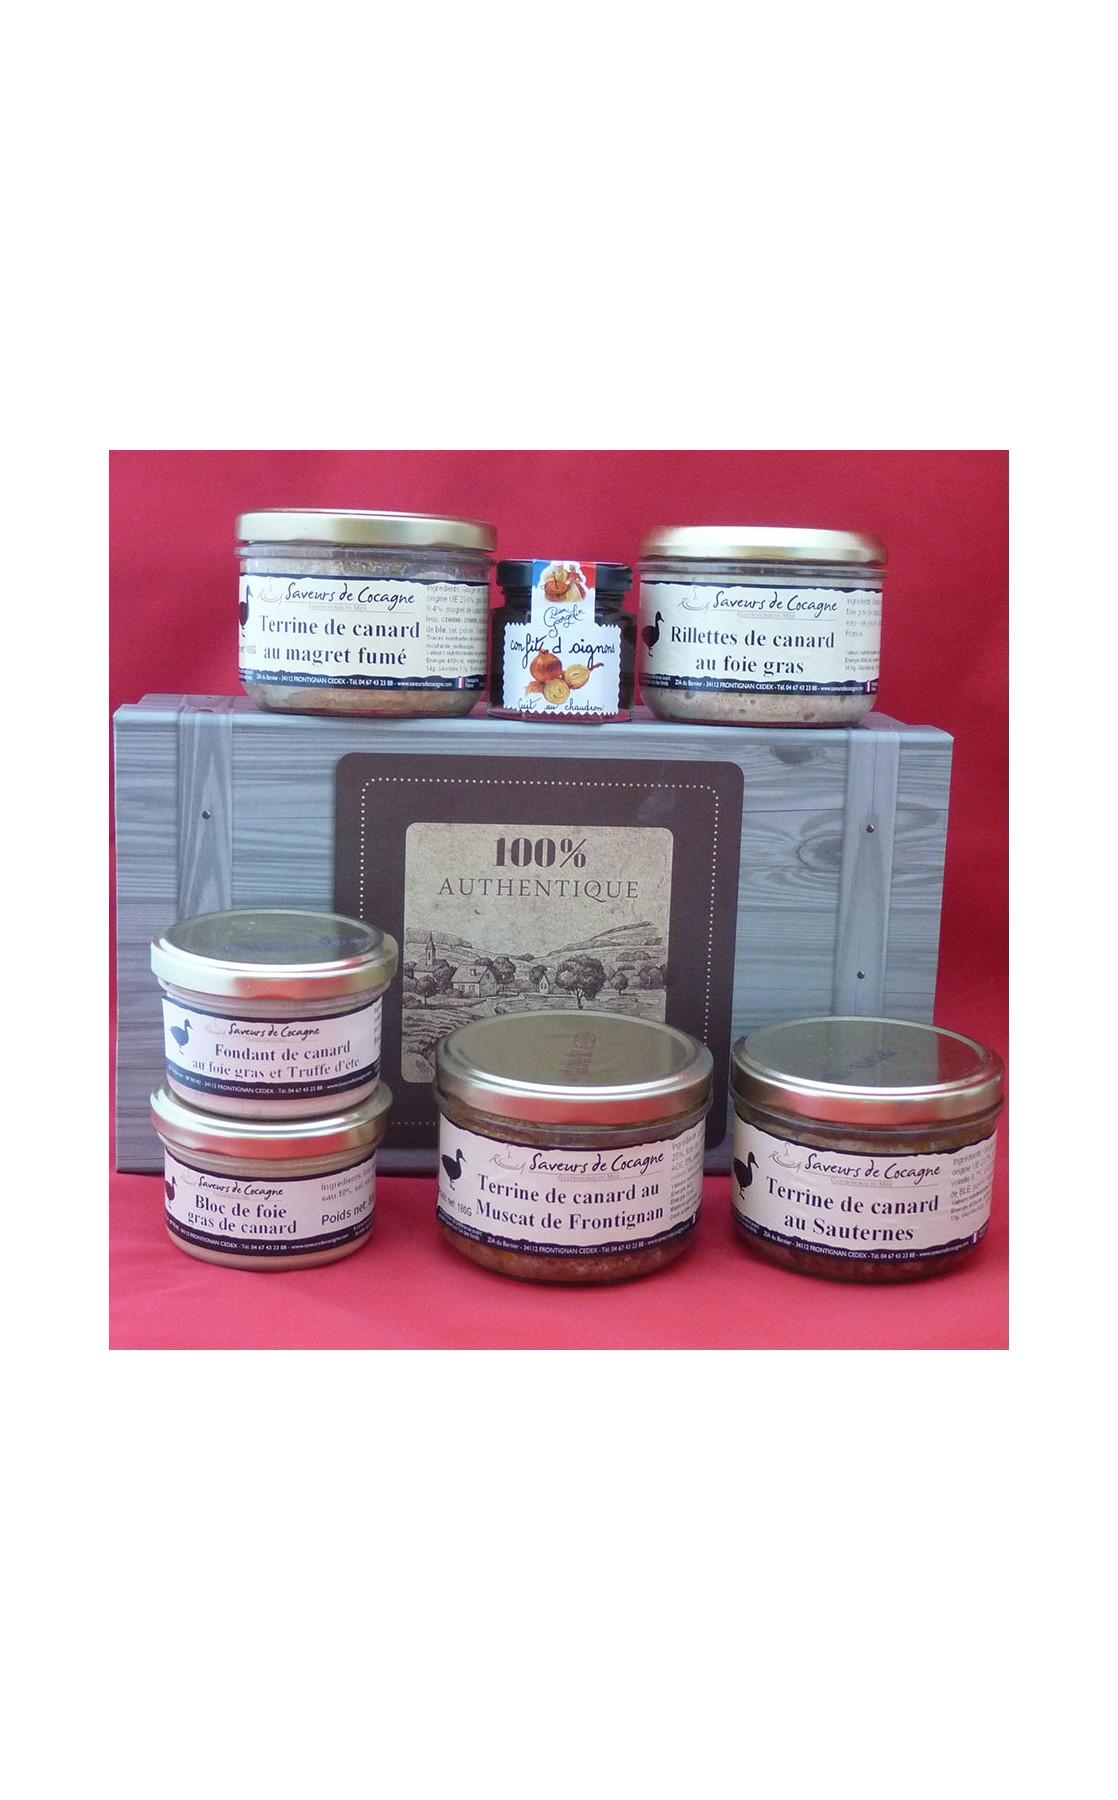 Coffret authentique 7 terrines canard, rillettes, foie gras